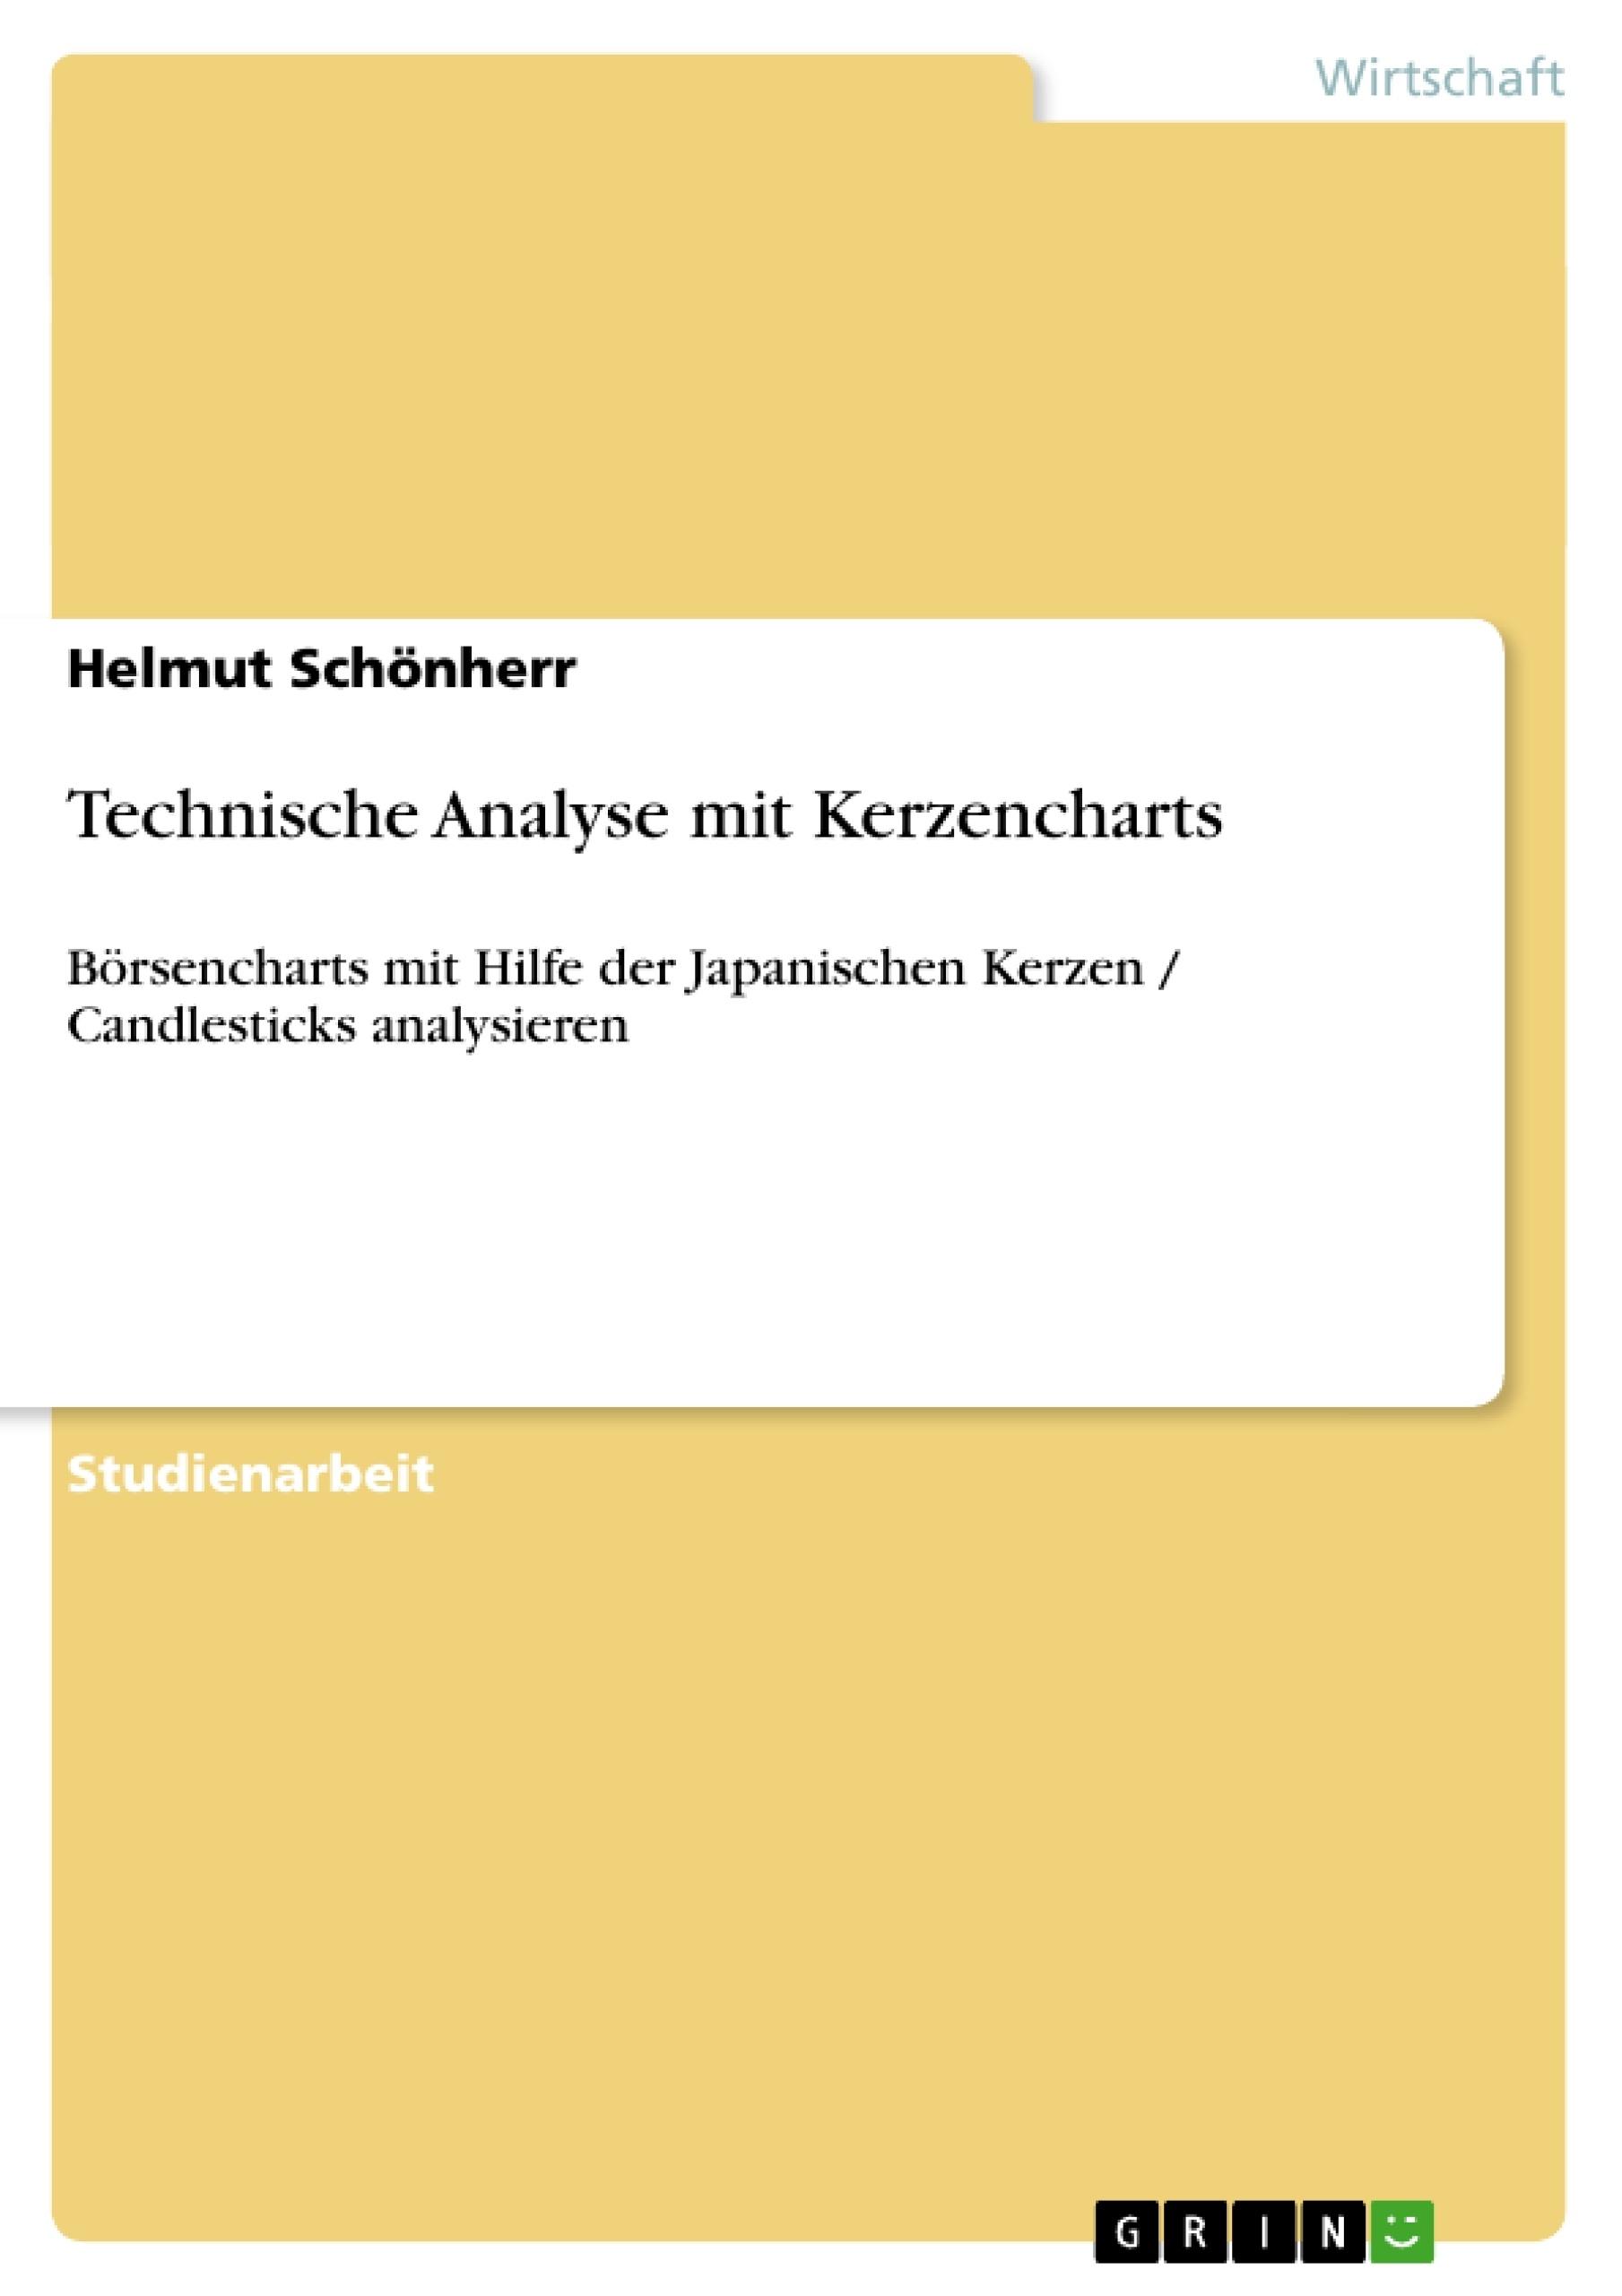 Titel: Technische Analyse mit Kerzencharts